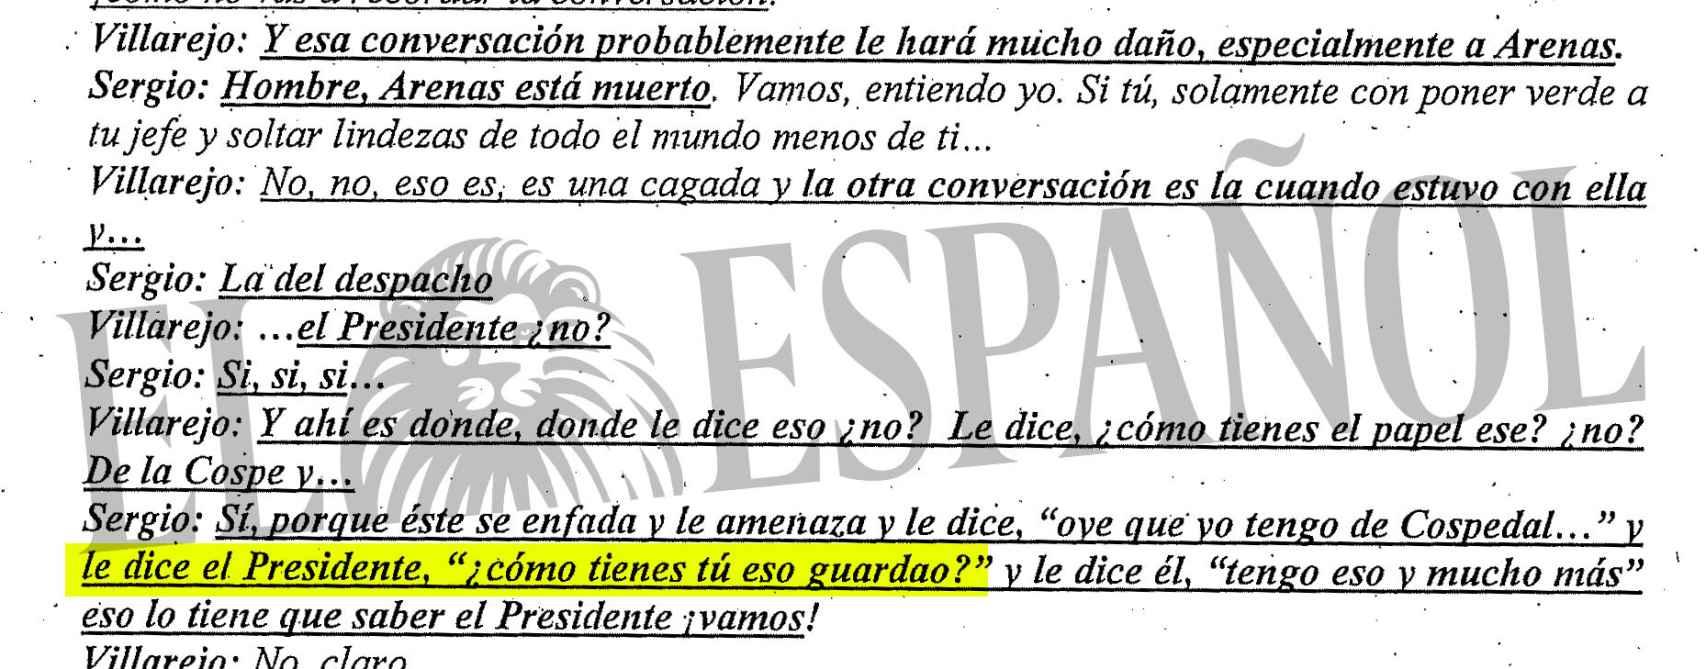 Uno de los extractos de las llamadas intervenidas a Villarejo.